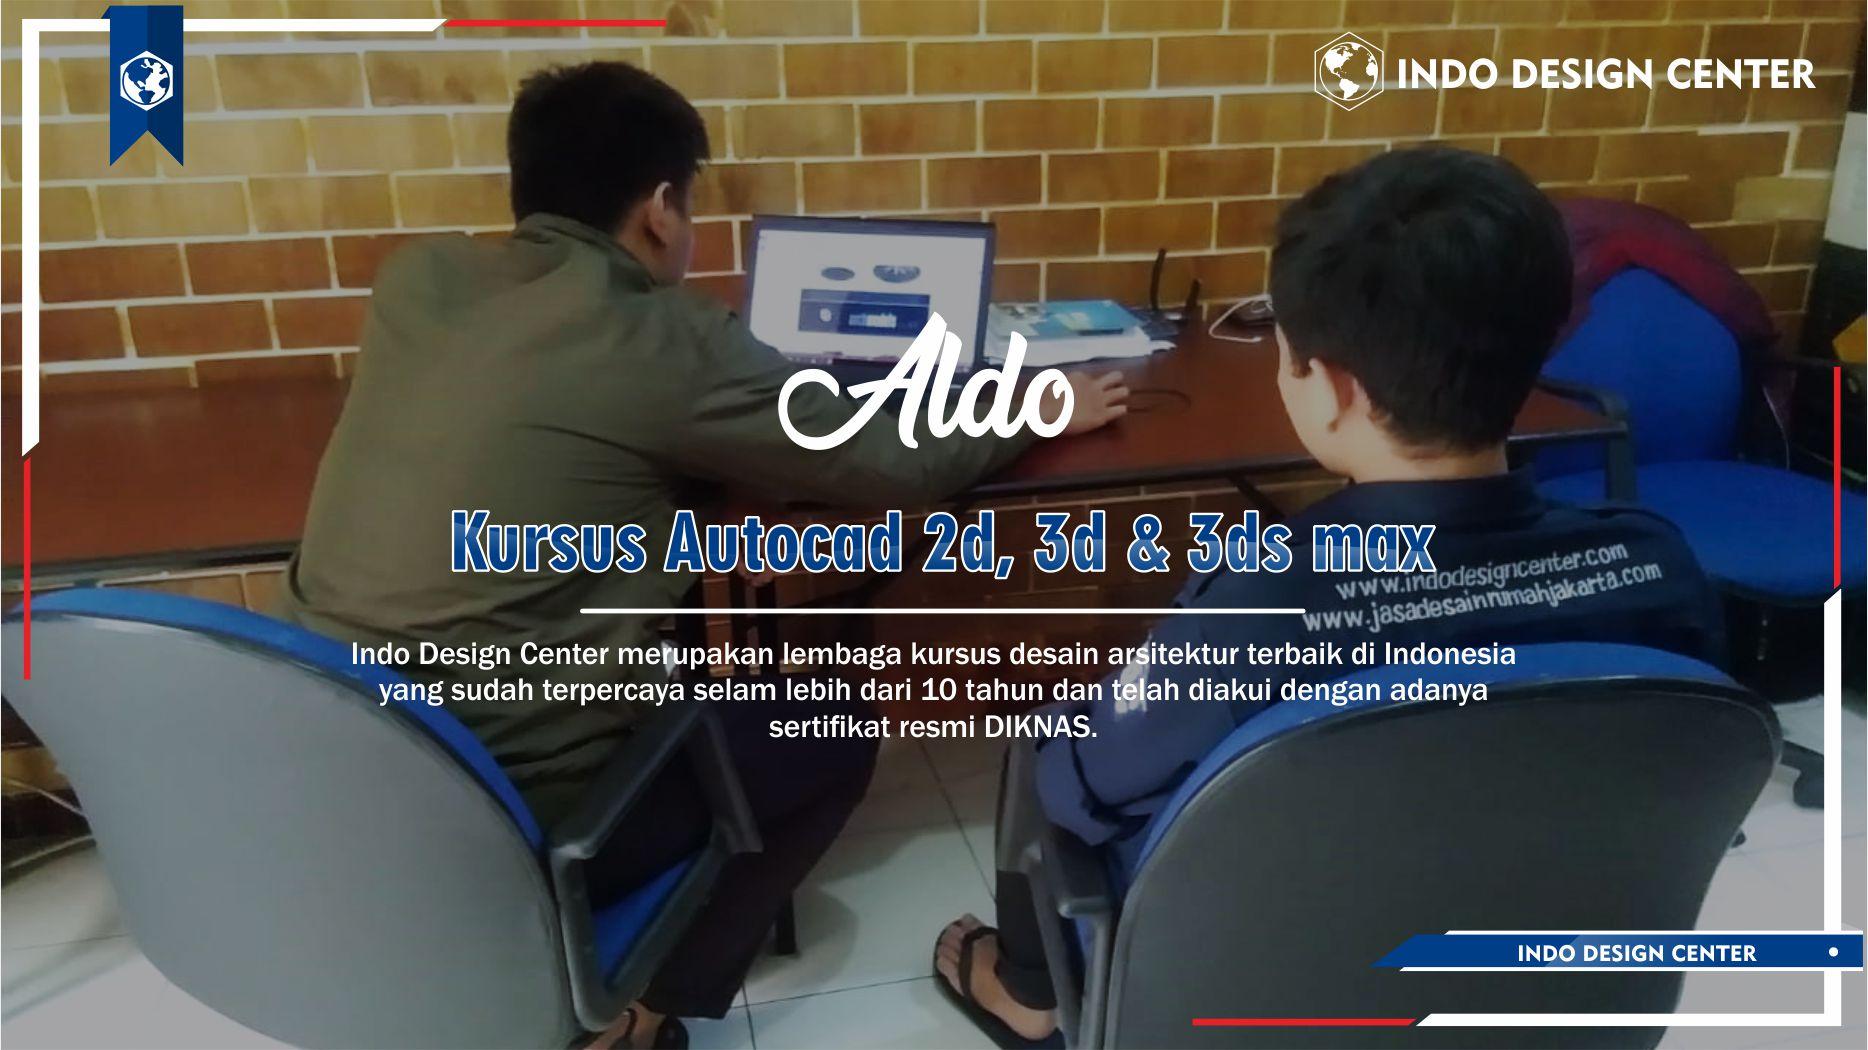 Kursus Autocad 2D, 3D & 3ds Max Rawa Lumbu Bekasi Aldo